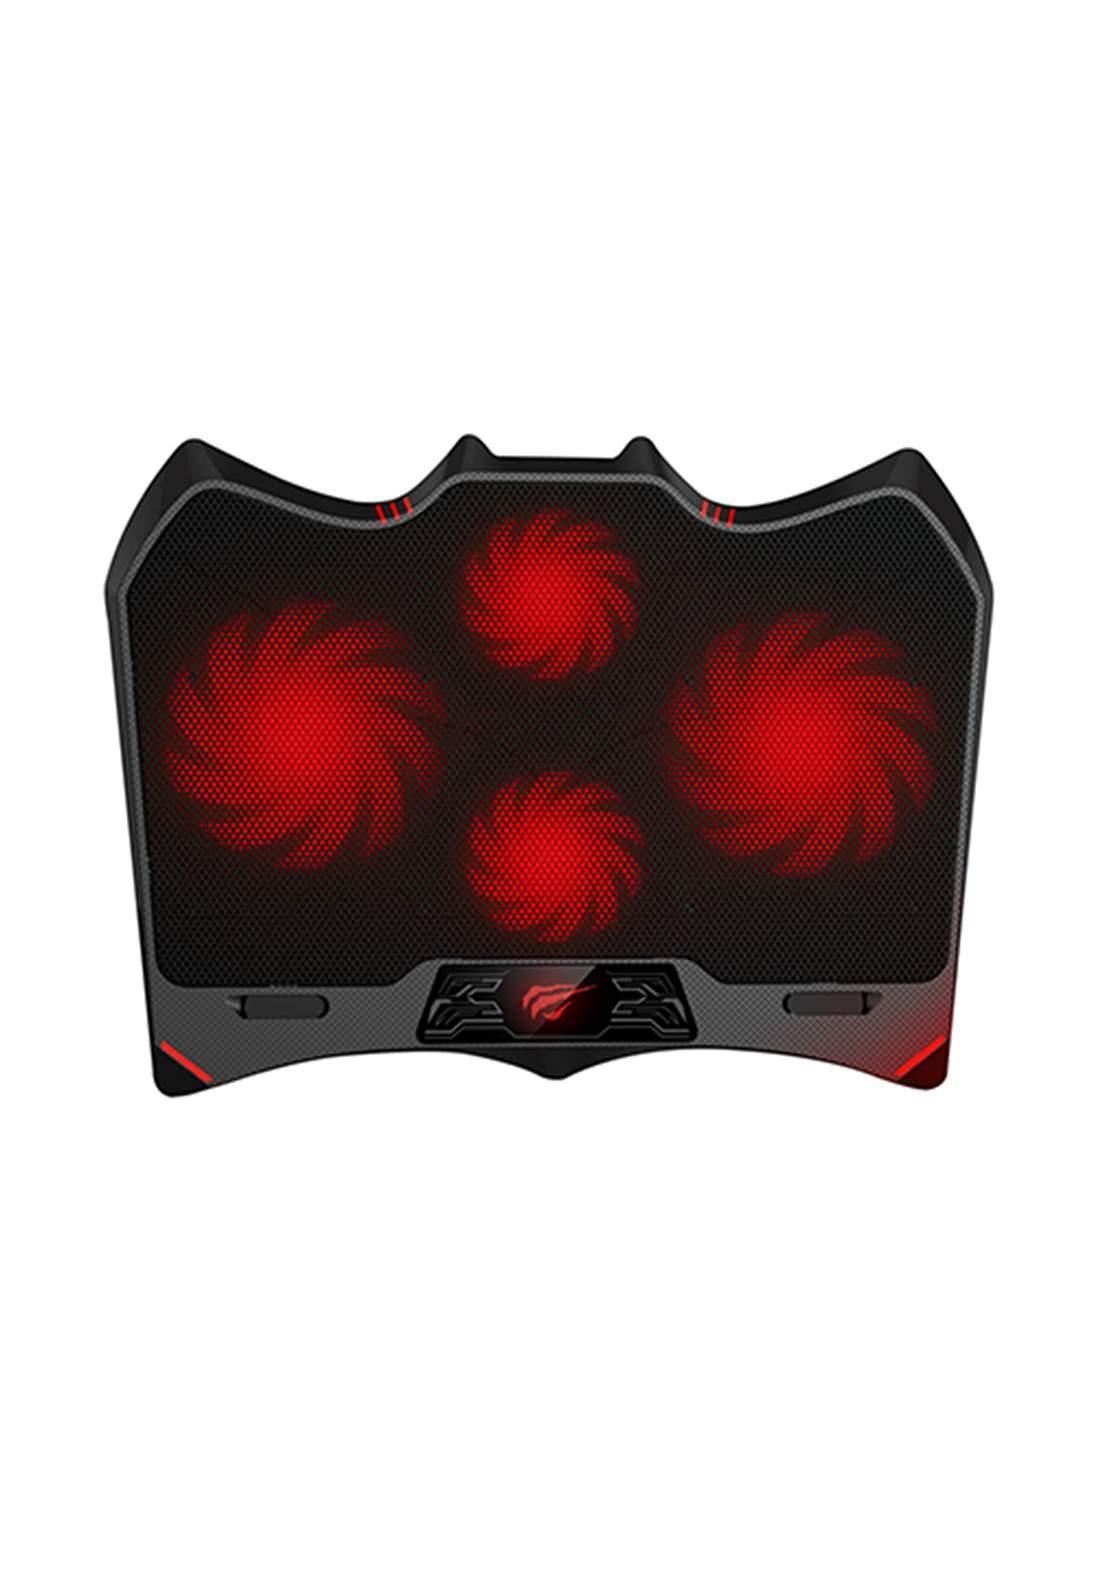 Havit HV-F2081 Gaming Cooling Pad  - Black وسادة تبريد للابتوب